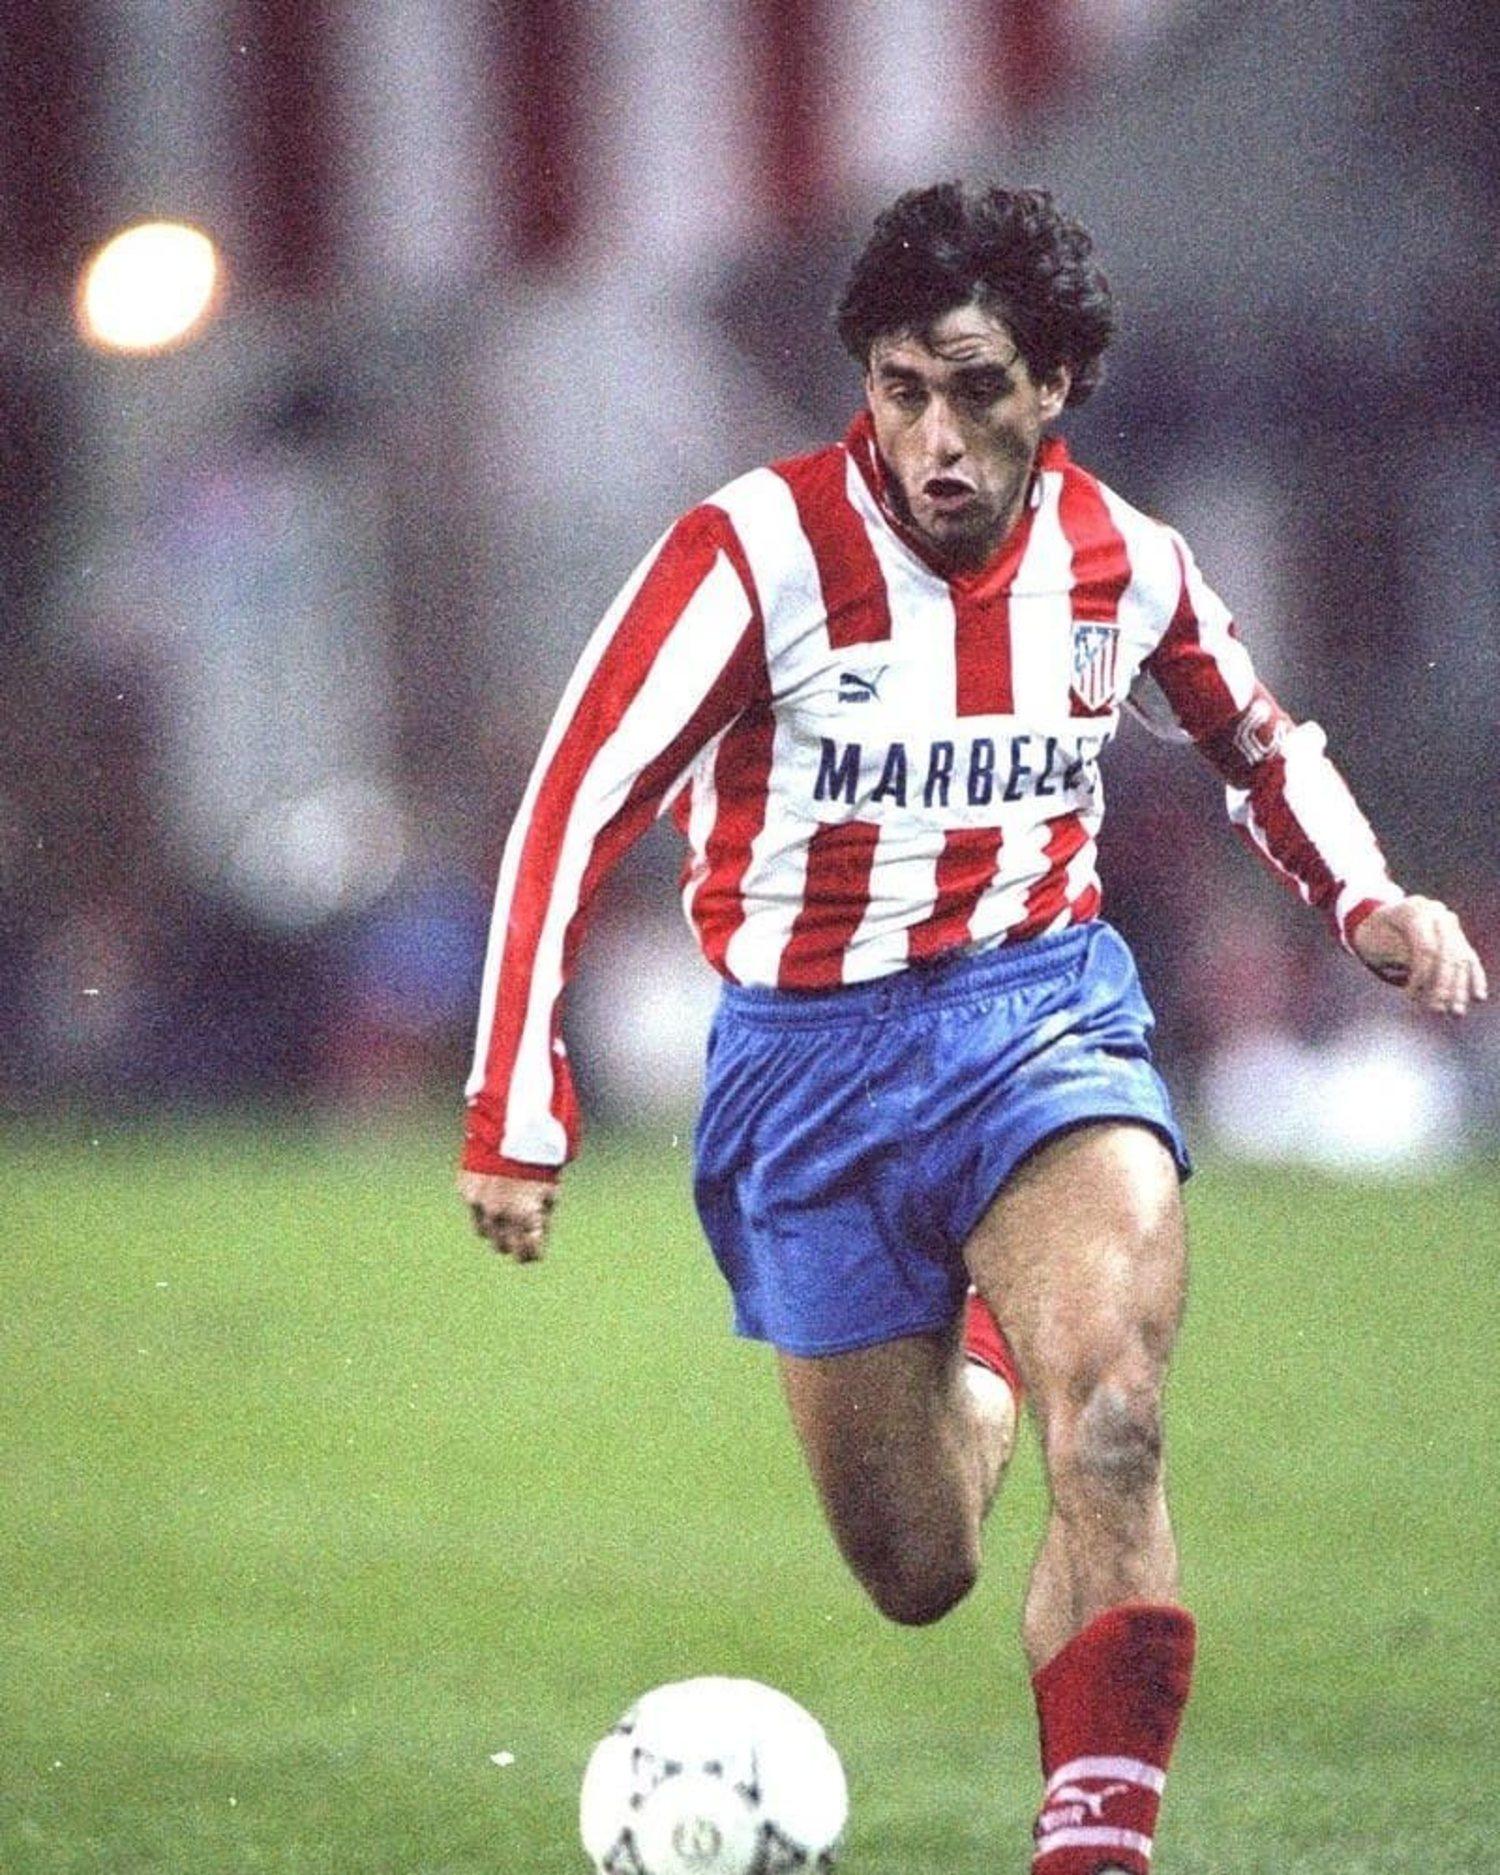 Puma fue el proveedor deportivo del Atlético de Madrid desde 1983 hasta 1998.